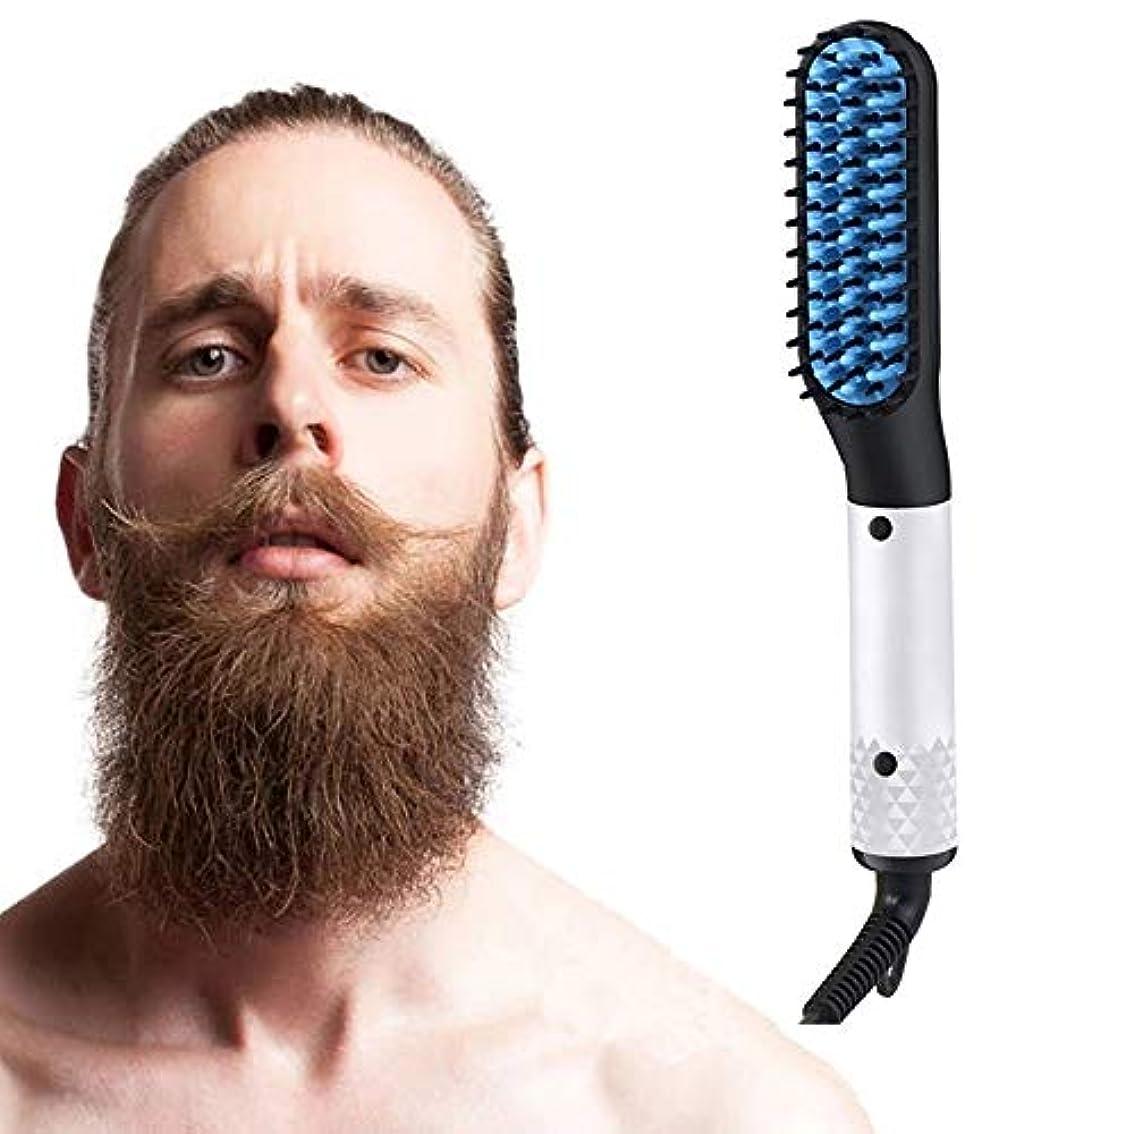 オプショナル発明する気配りのあるビアードストレイテナーくしストレートヘアブラシ電気温水イオンセラミック毛のストレートブラシは、より高速な暖房で、ホットツール髪フラットカーリング鉄は高速アンチゴールドとシェーピング